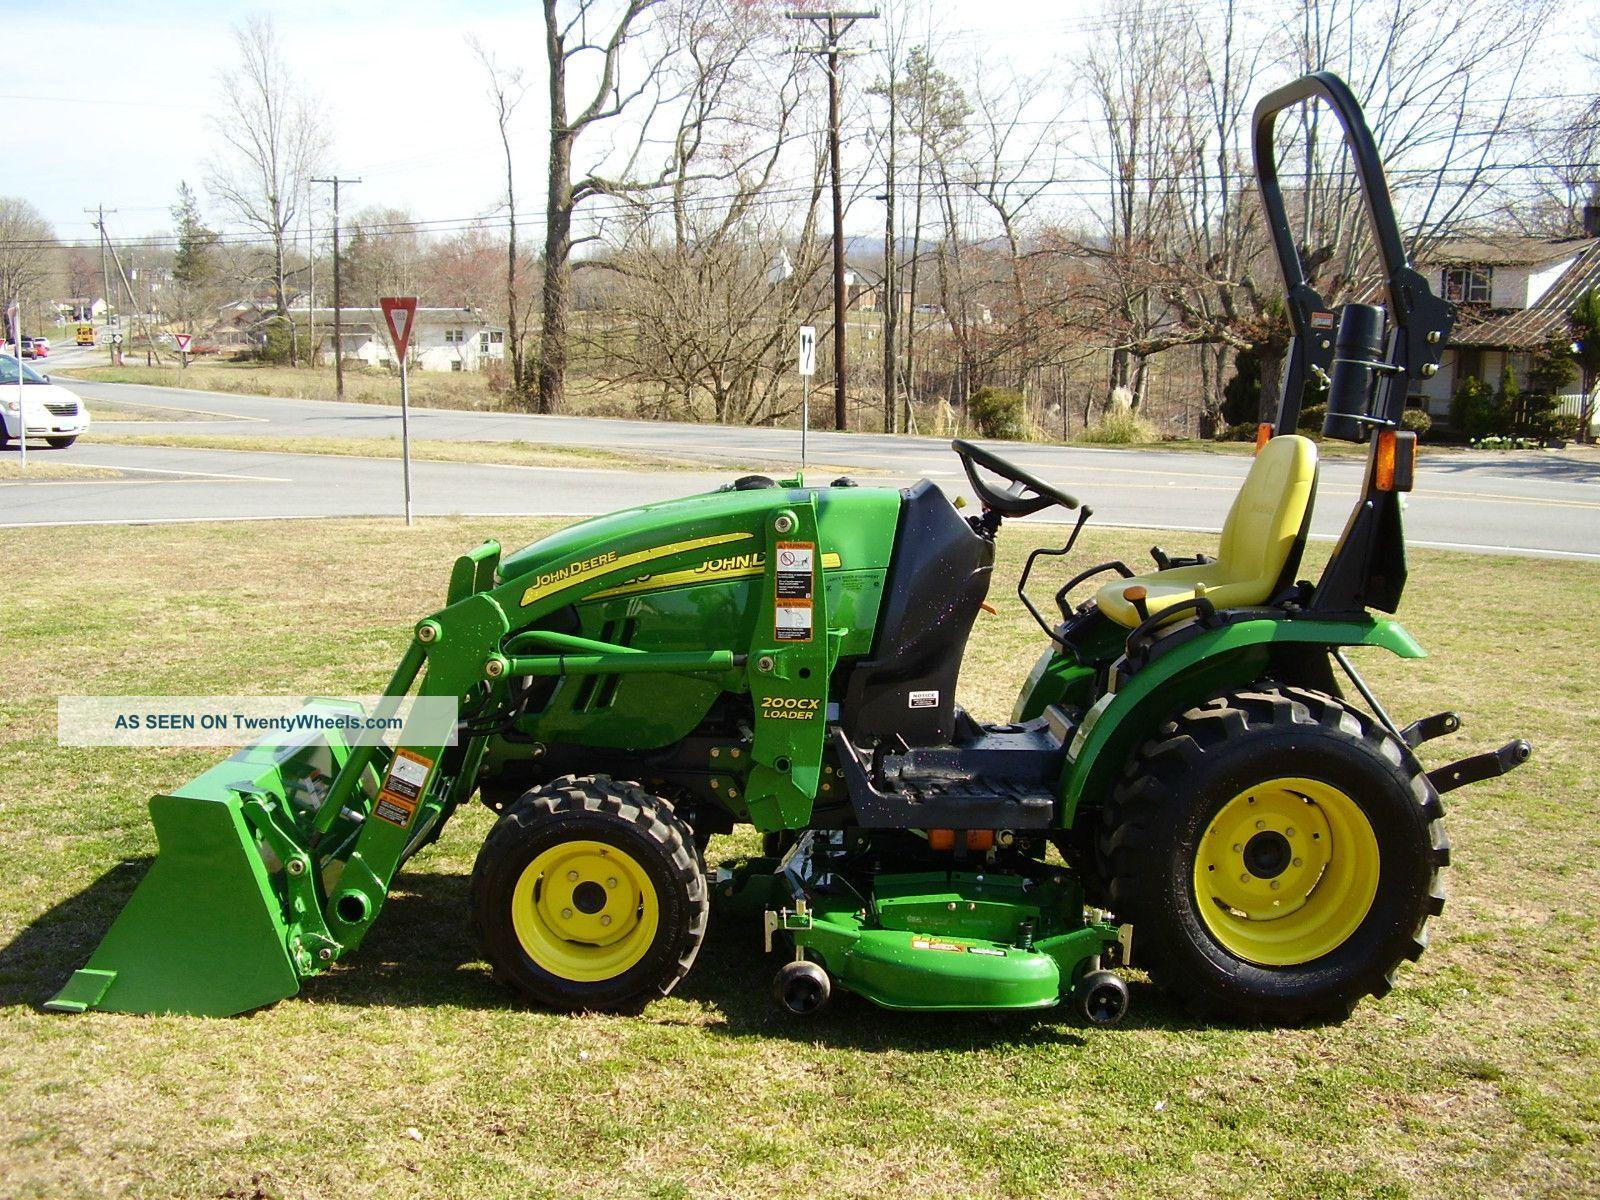 John Deere Garden Tractors 4x4 : John deere loader tractor with mower deck